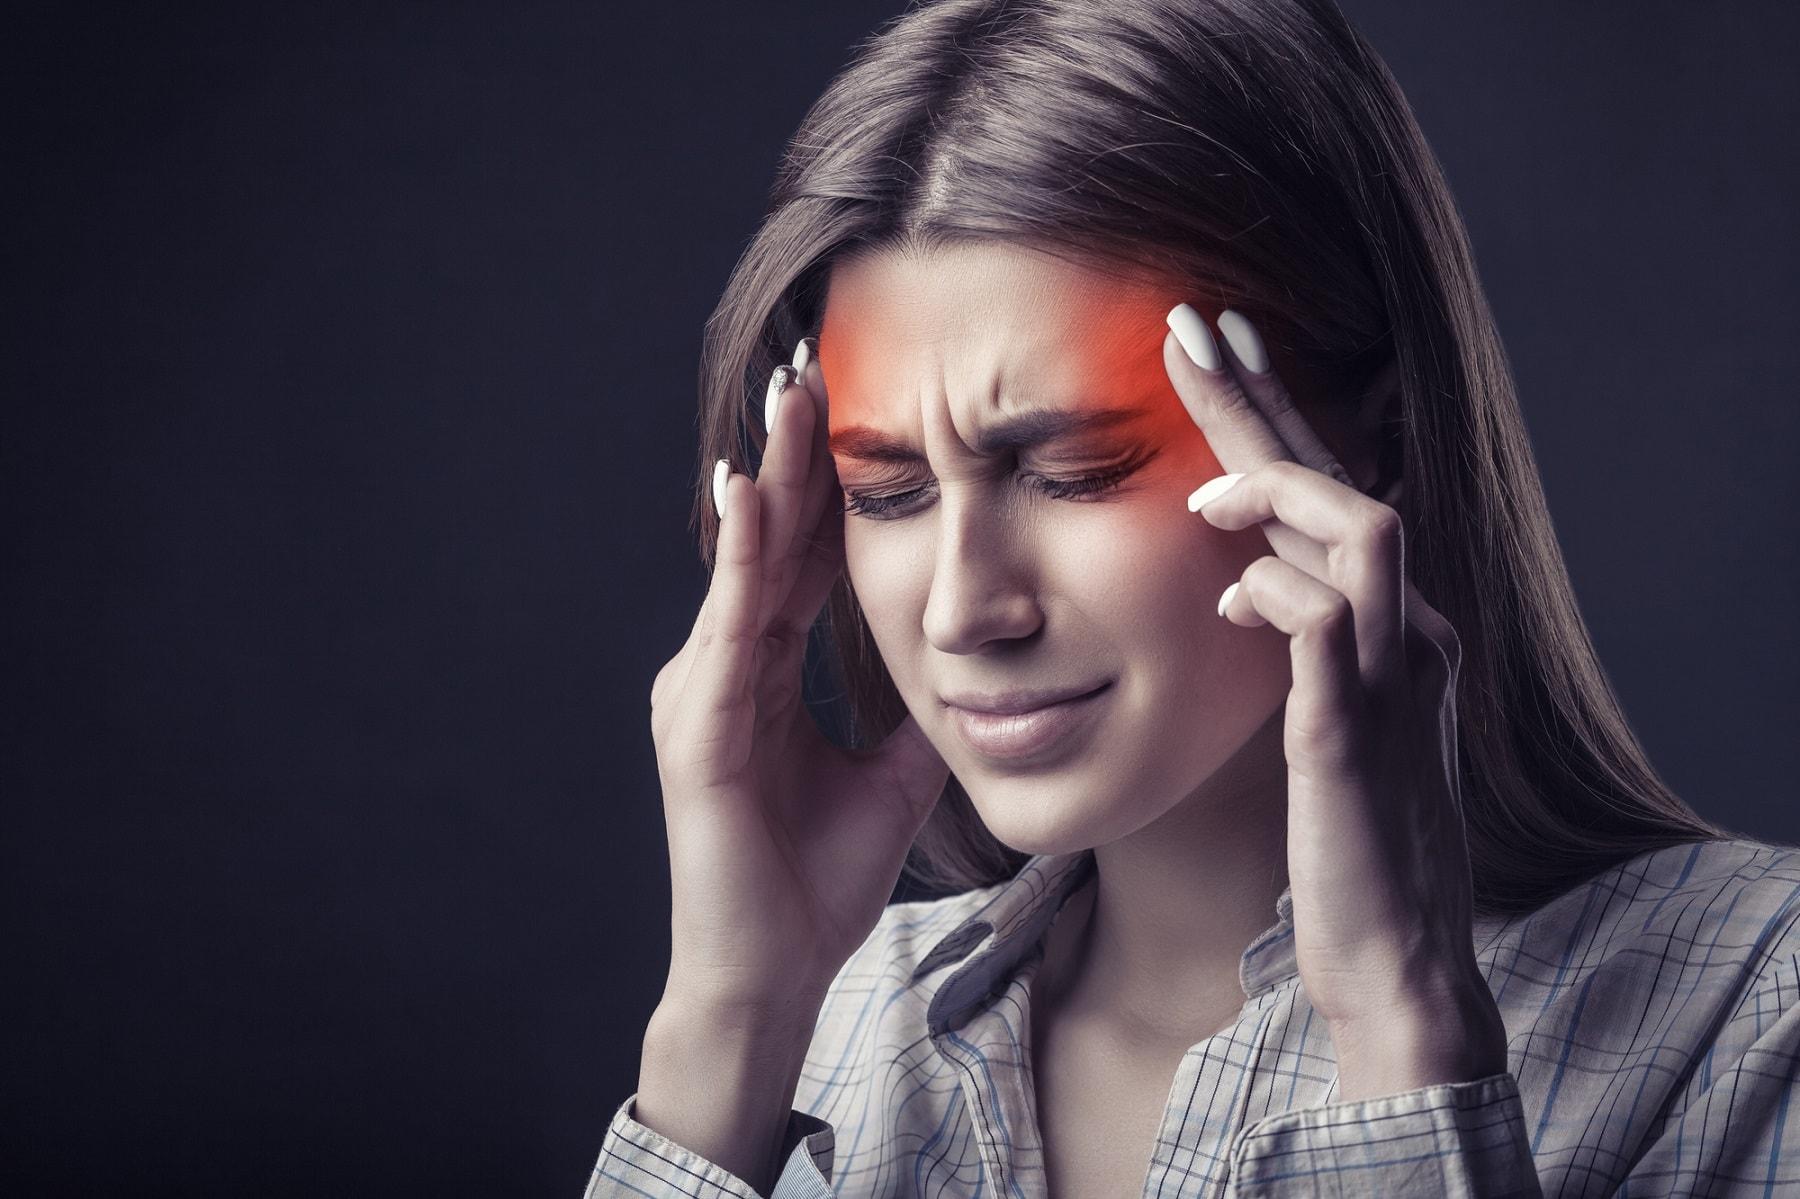 Апатия: определение,признаки, симптомы, лечение